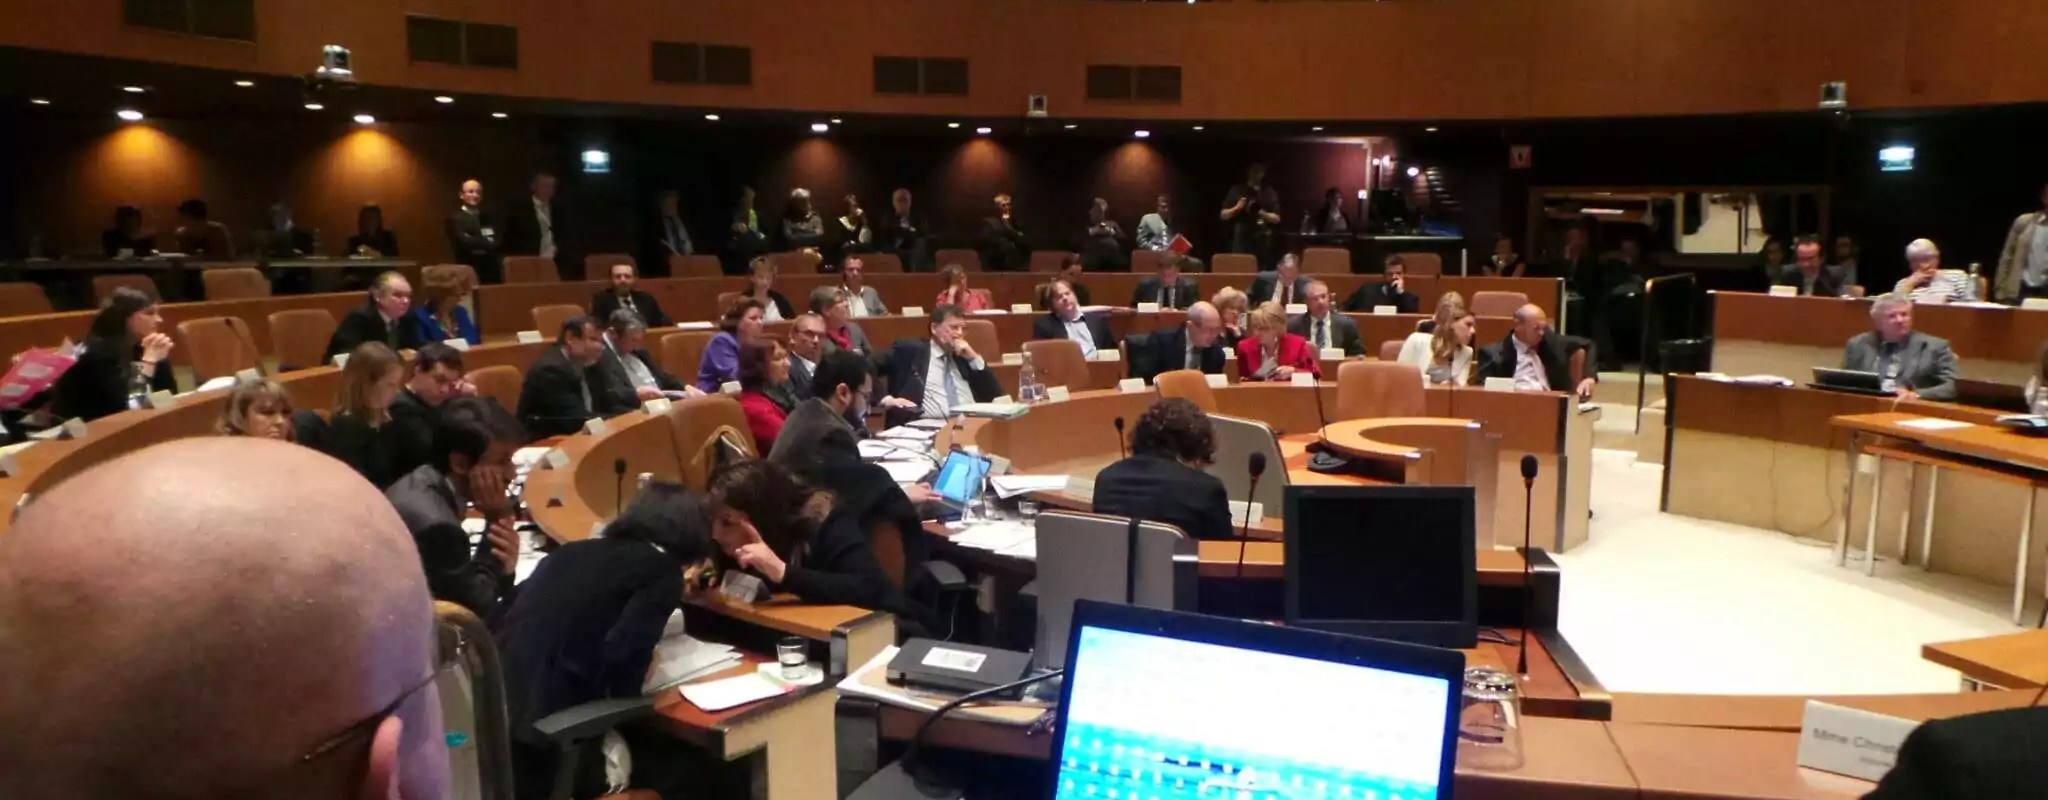 Au conseil municipal, les ambitions européennes et l'éthique en débat